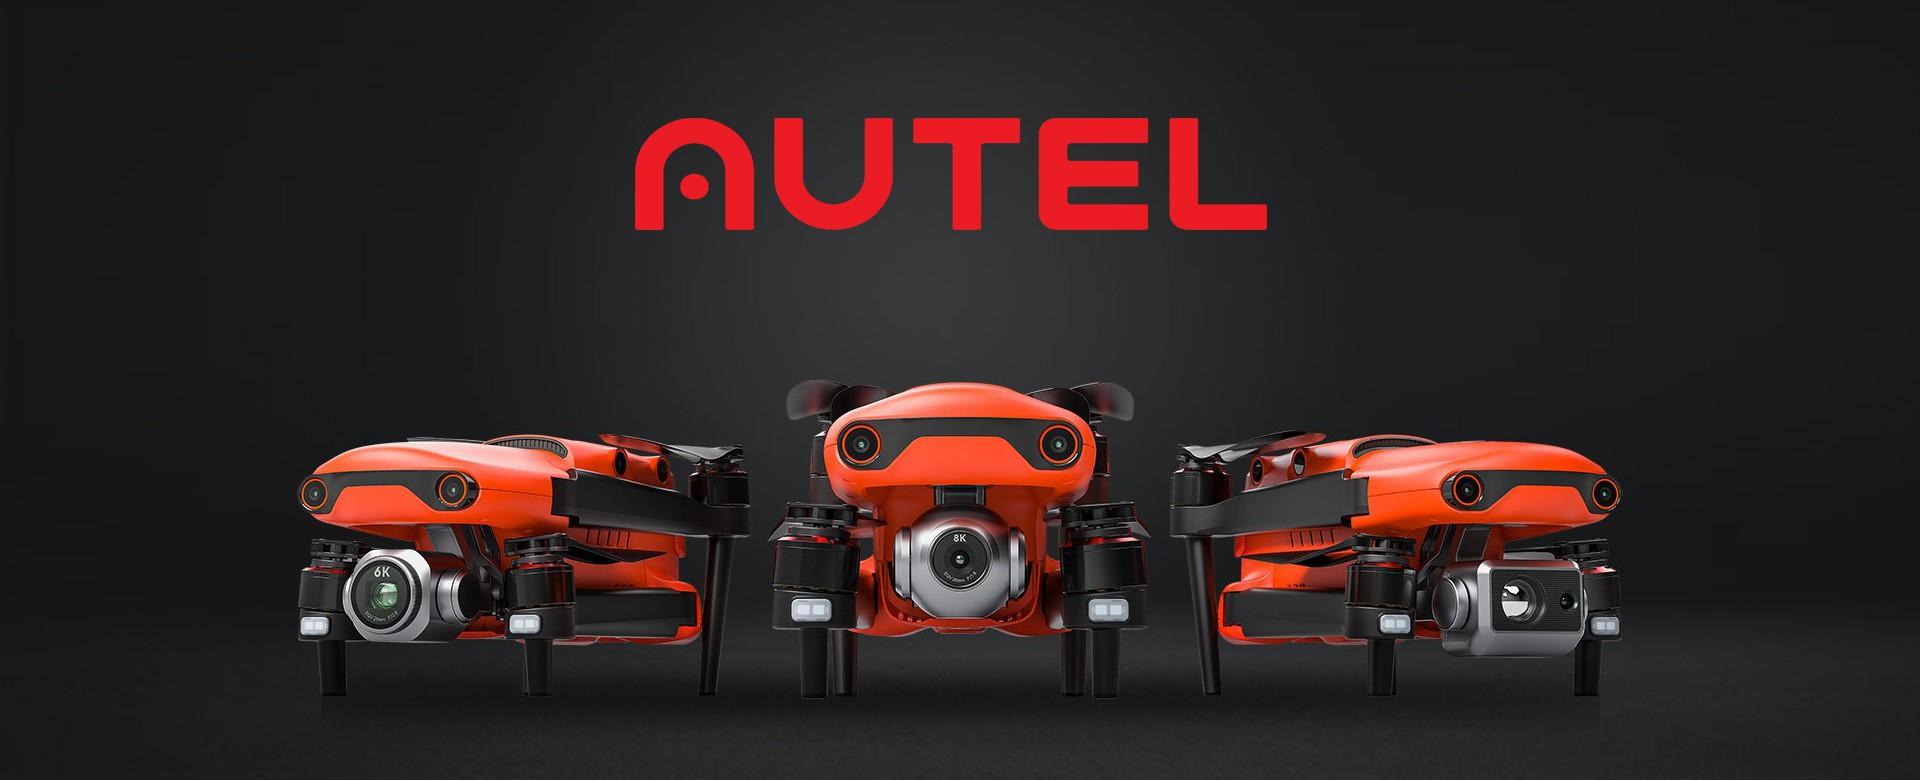 Autel drones| AeroCam.bg